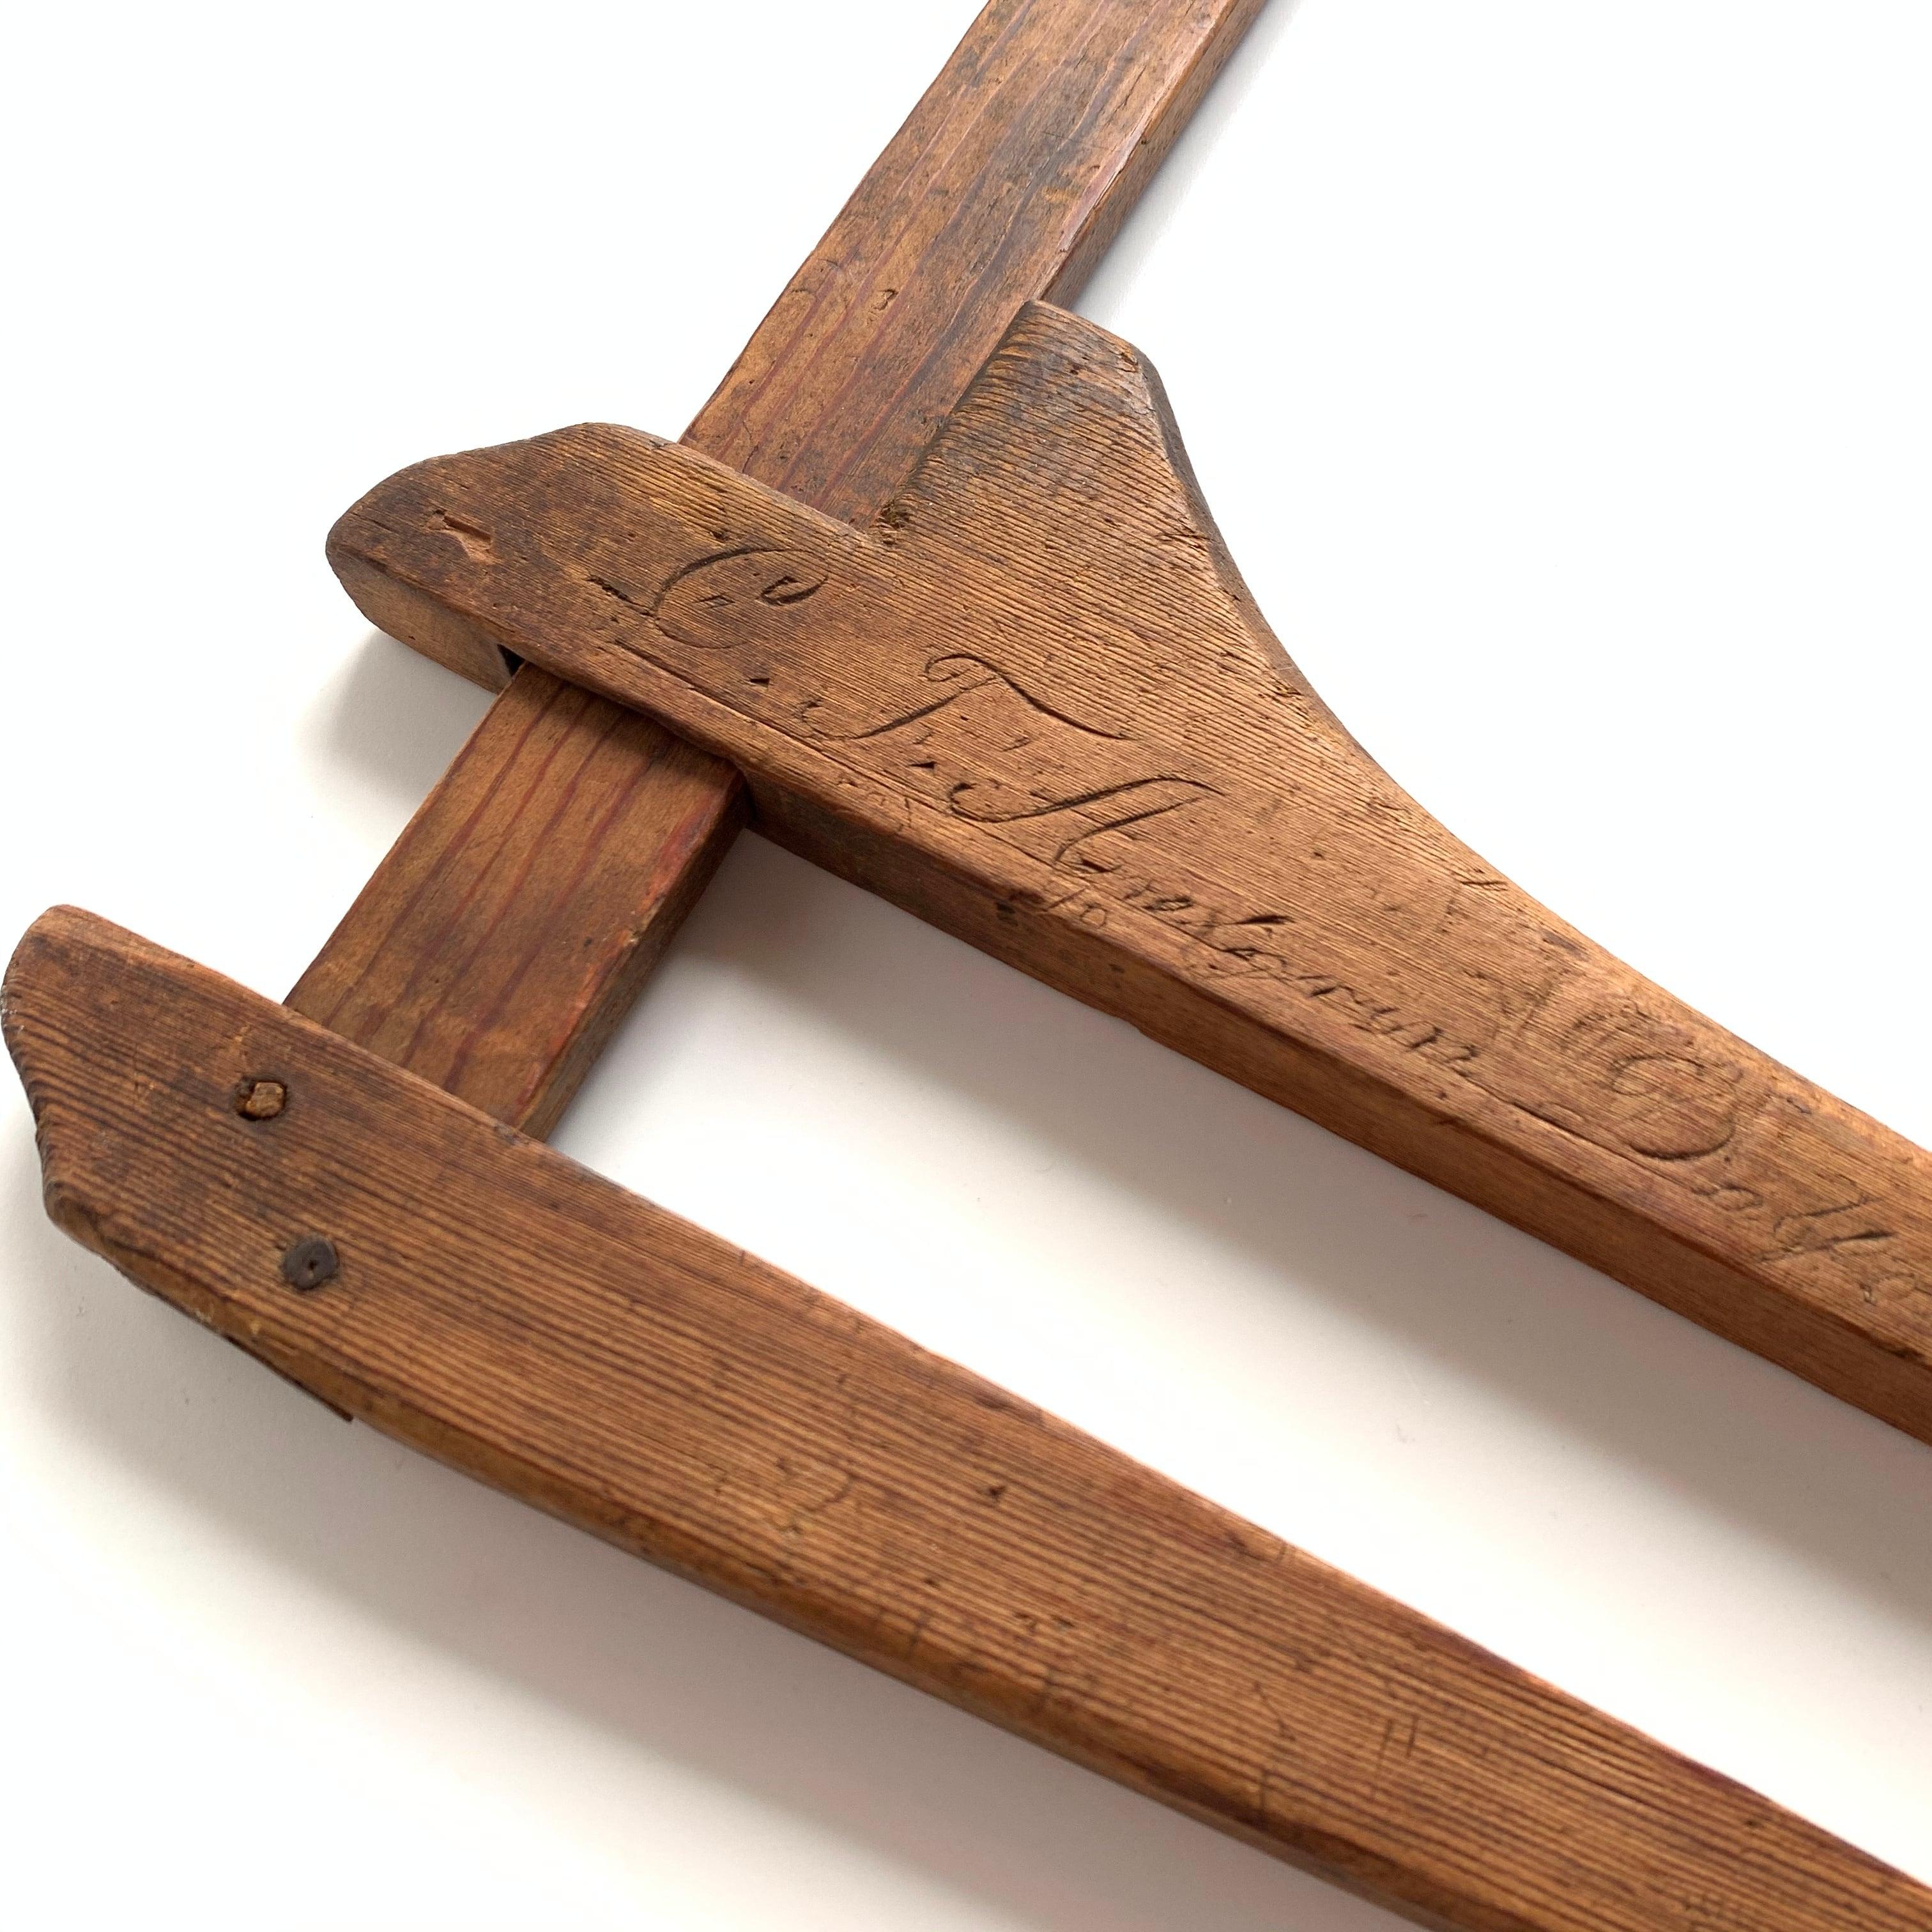 Wooden Caliper